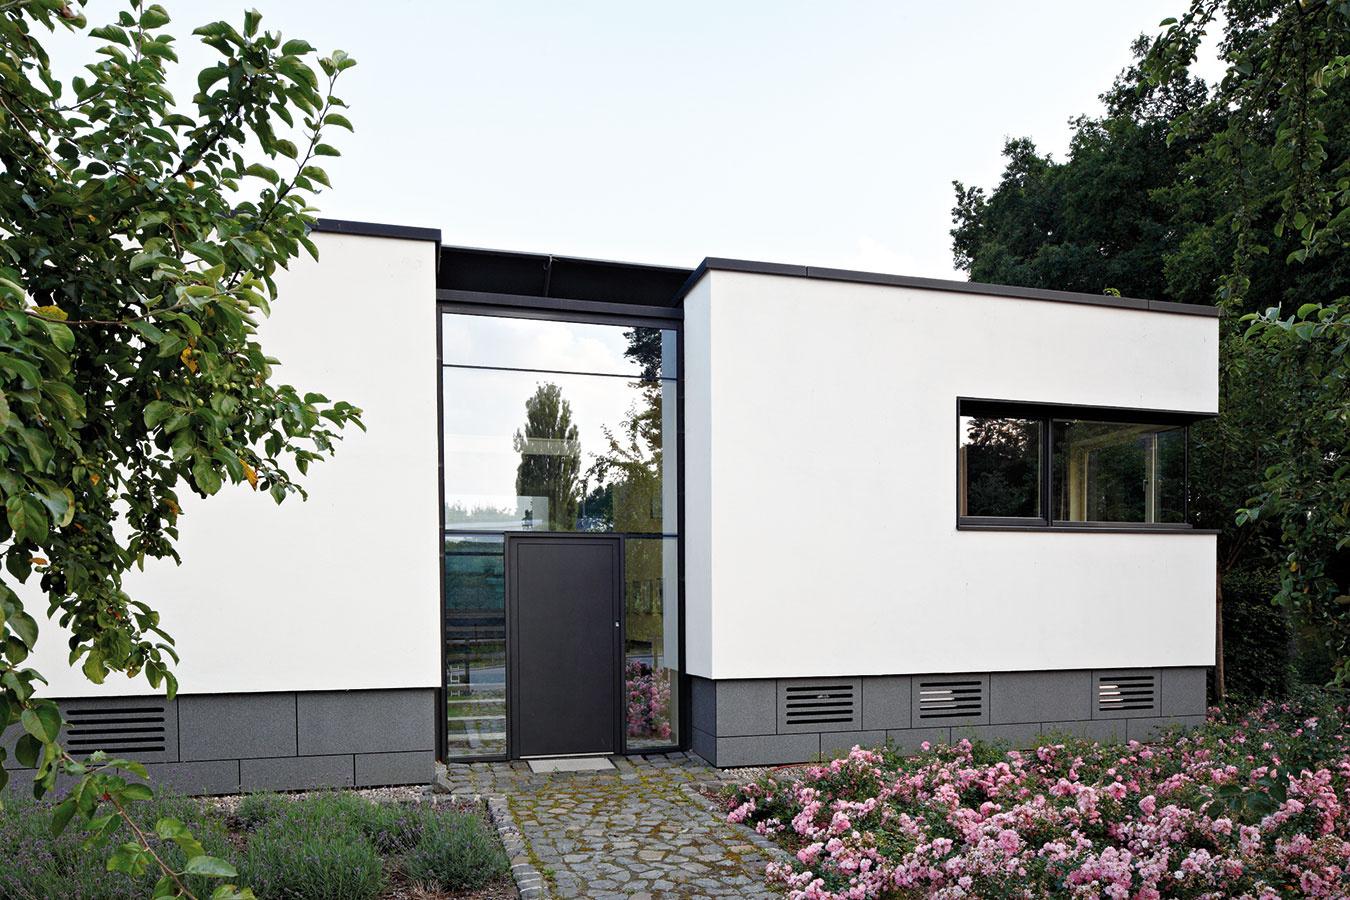 Smerom do ulice je objekt uzavretejší, čím zaisťuje želané súkromie. Oživením jednoduchej fasády je sklenený portál apásové okná selegantnými detailmi – sceloskleneným vyhotovením rohov asubtílnymi okennými profilmi (otváravé prvky majú pohľadovú šírku len 27 mm).